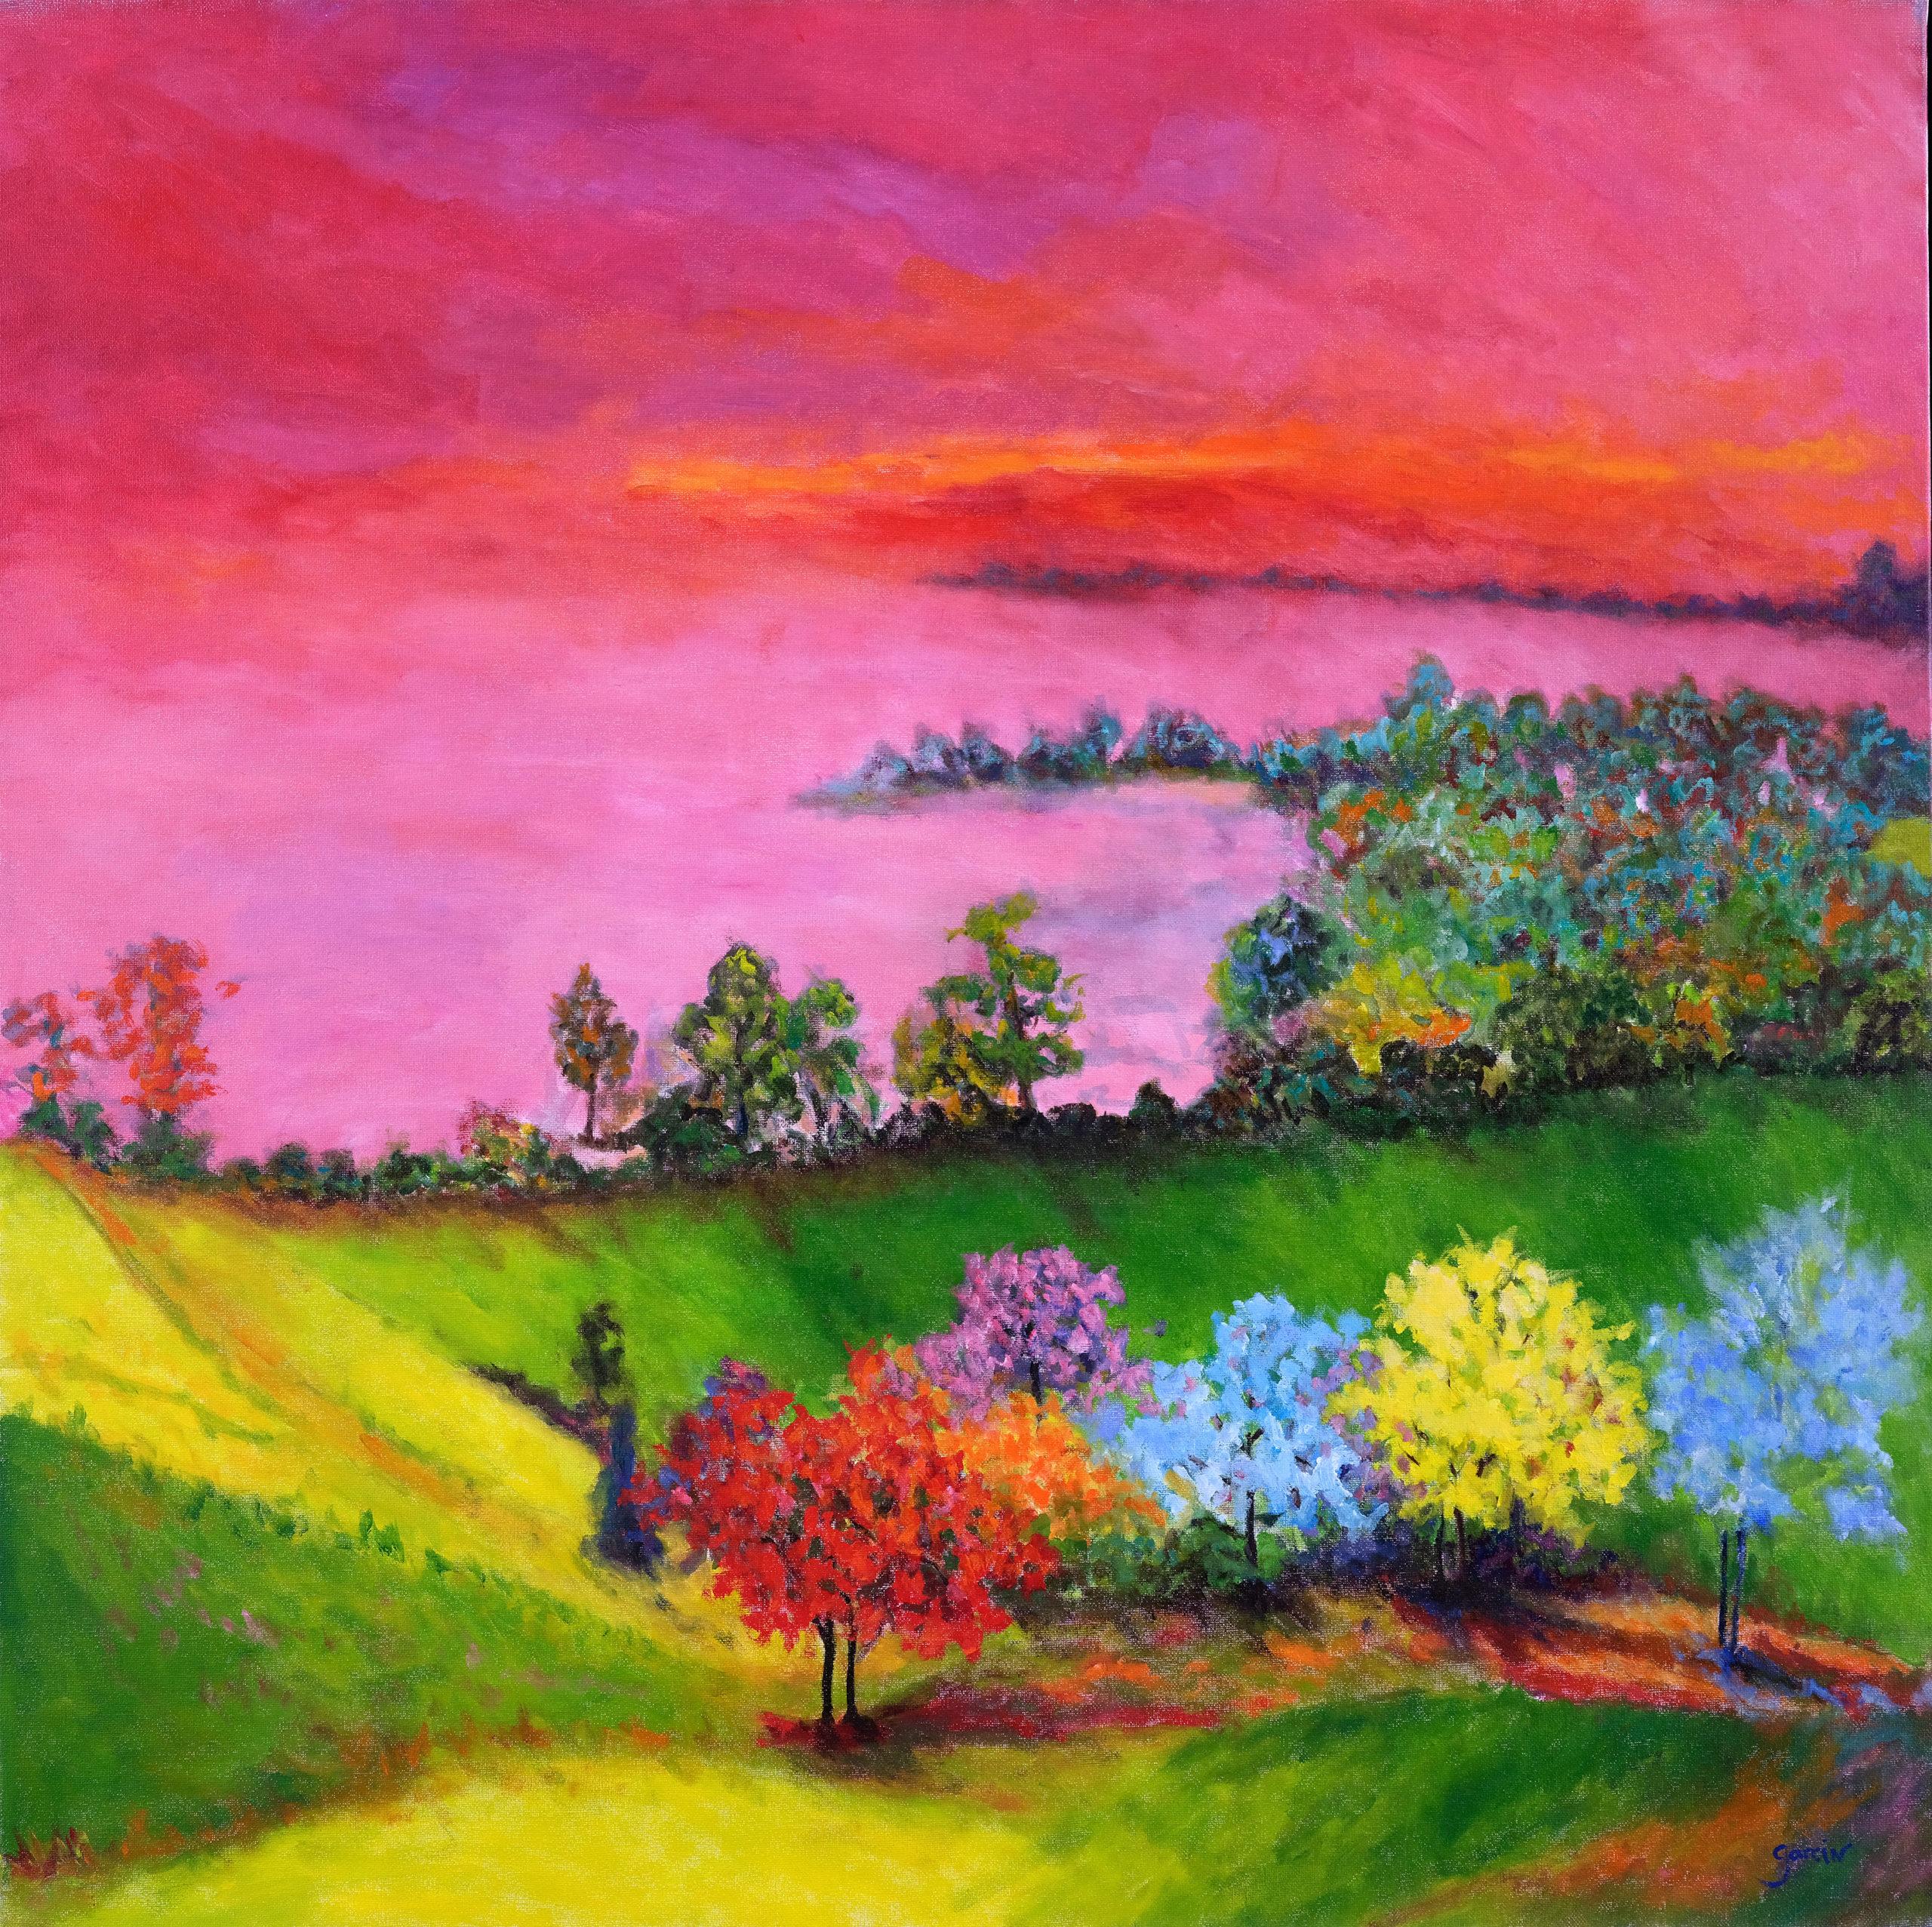 L'arrivée du printemps, 2015, huile sur toile 80 X 80 cm